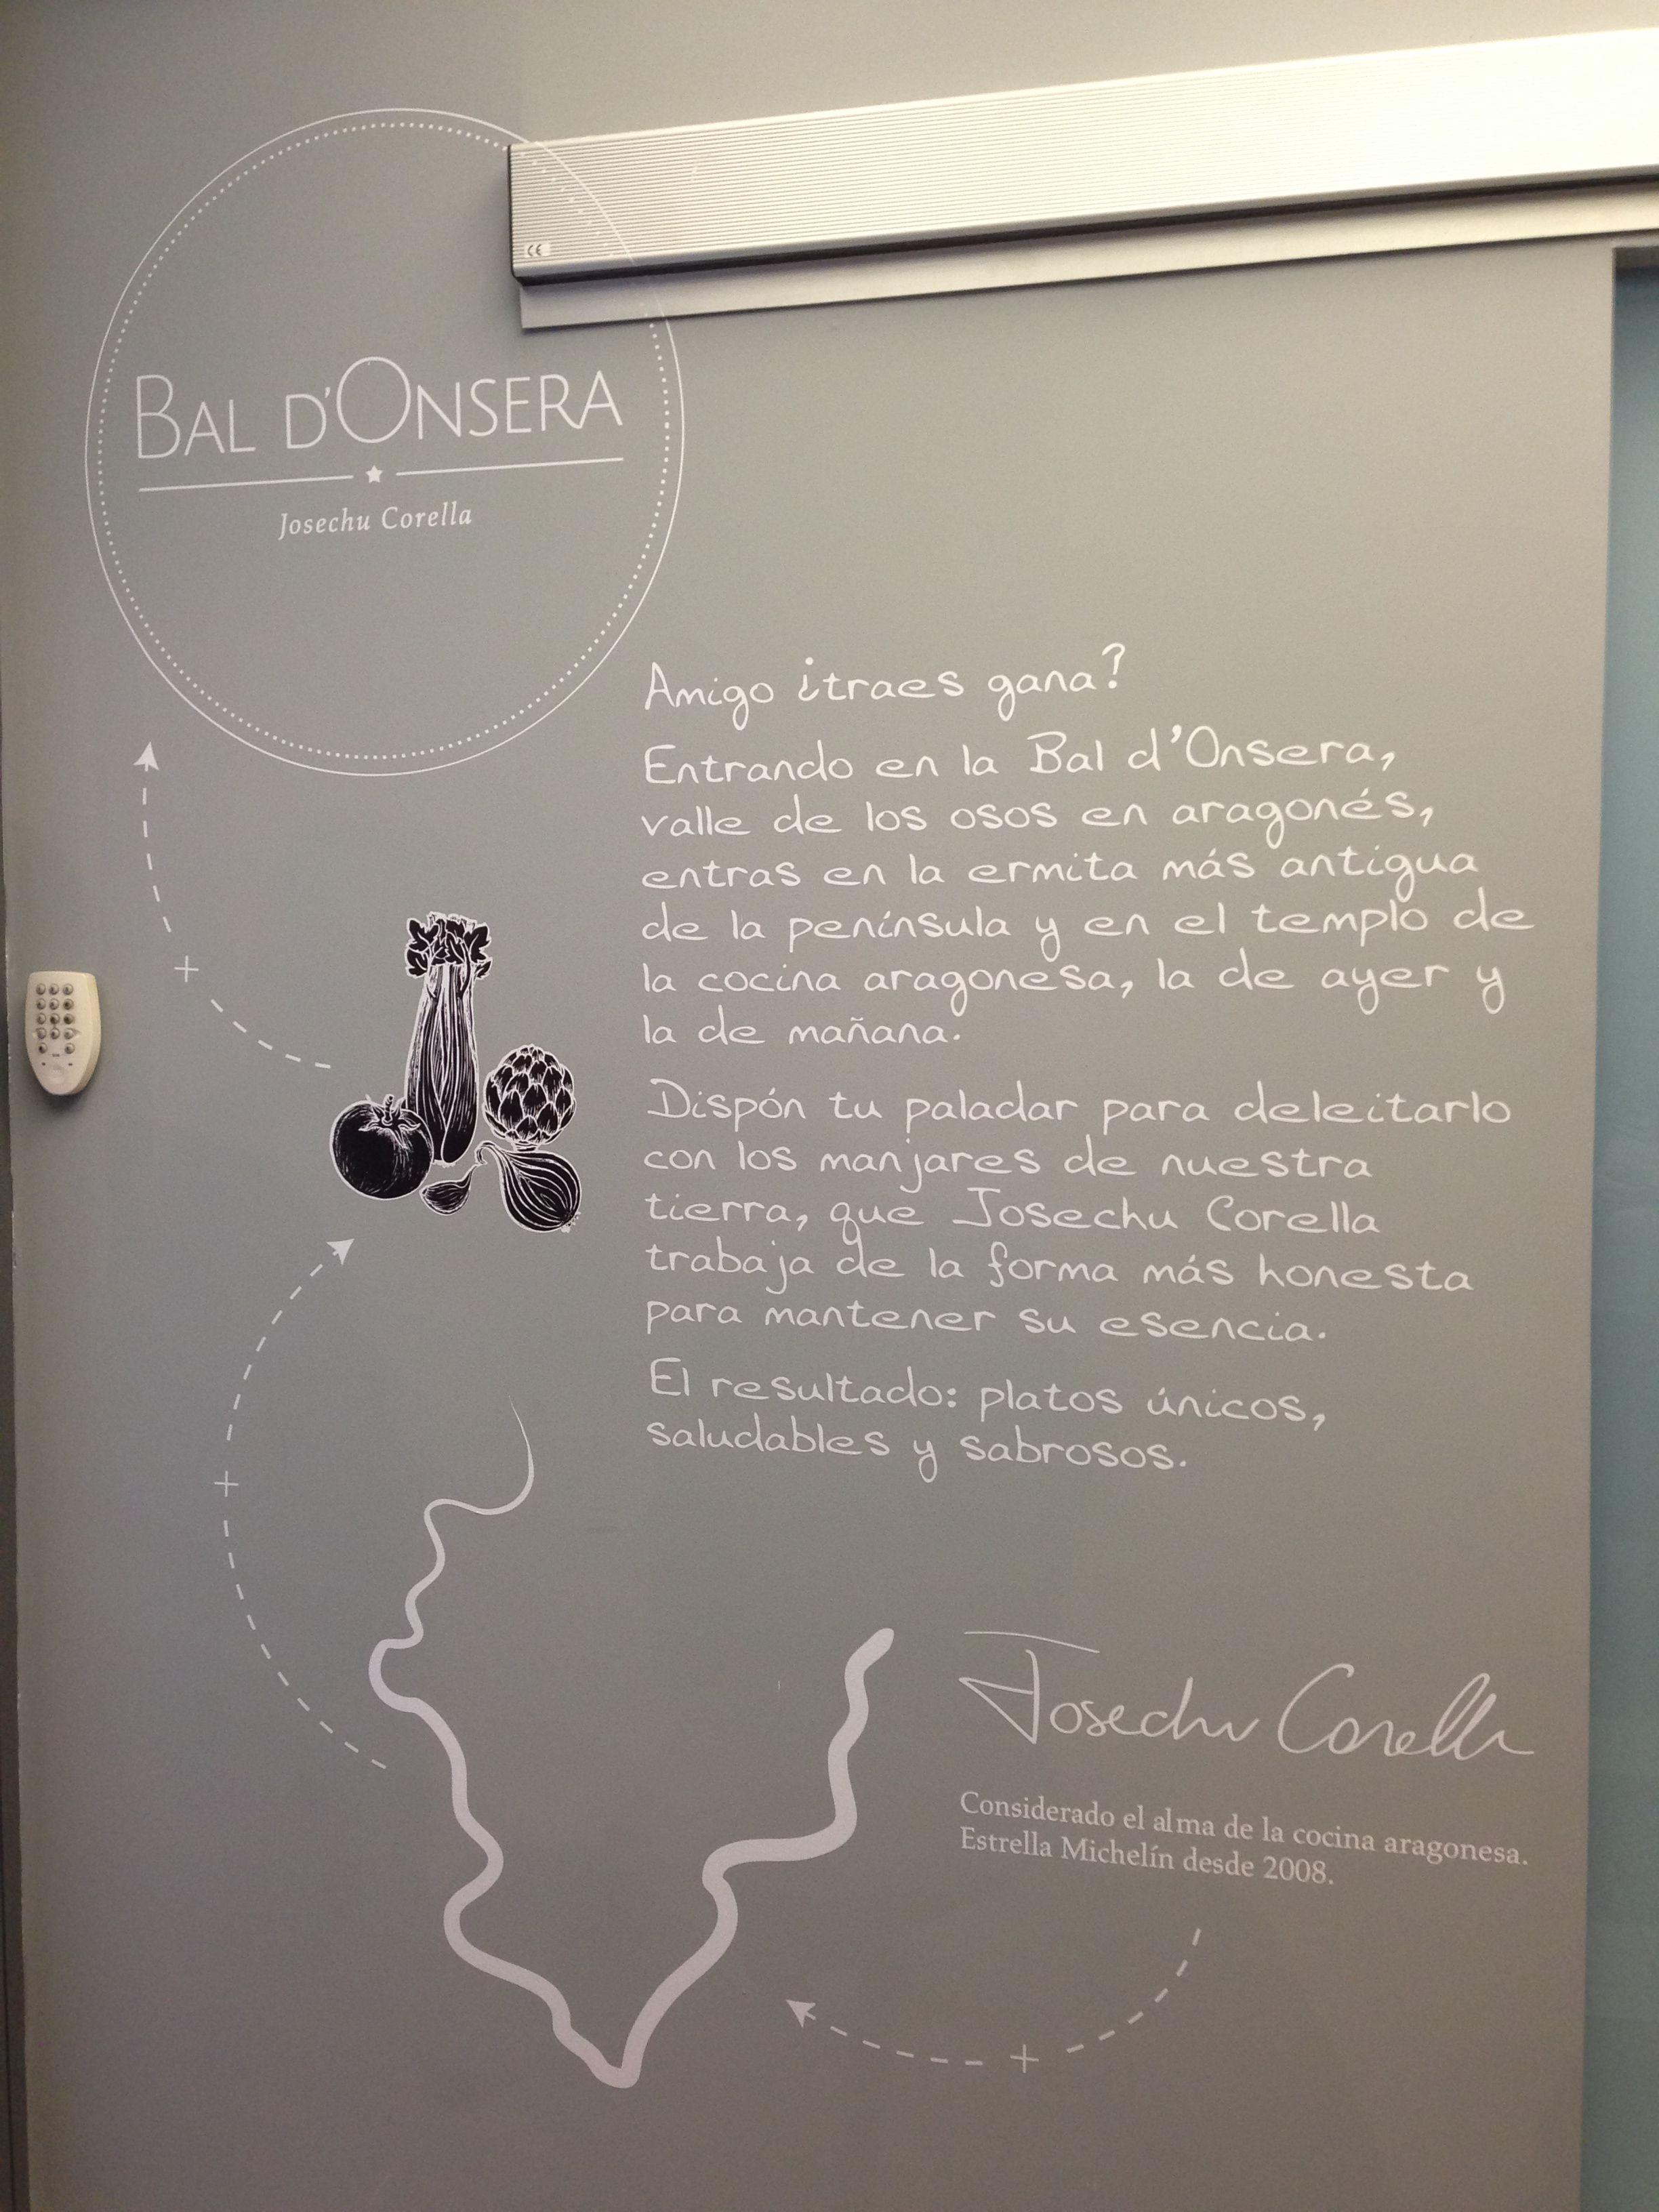 Historia de Bal d'Onsera